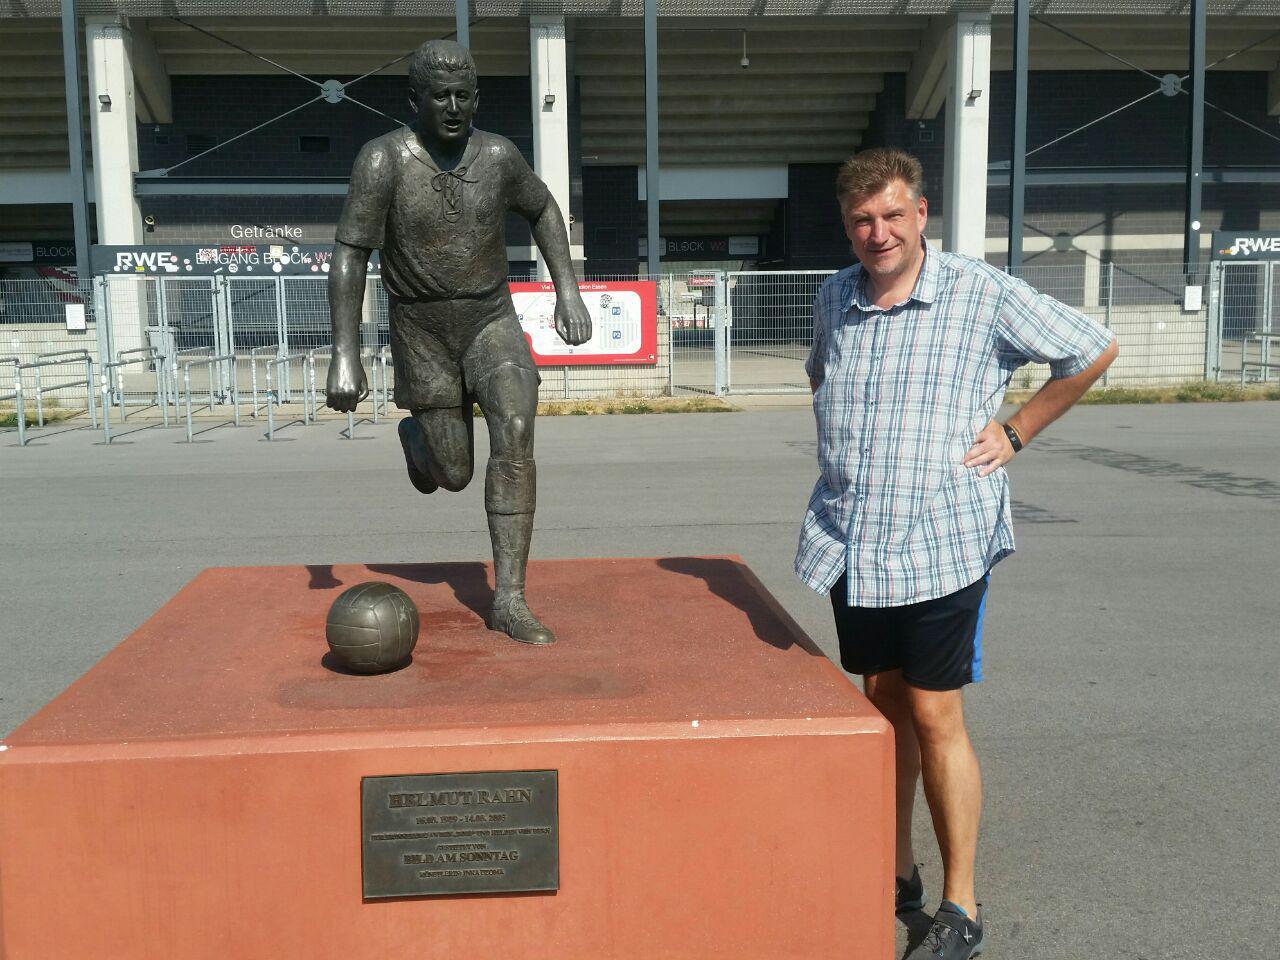 Stadion Essen Helmut Rahn